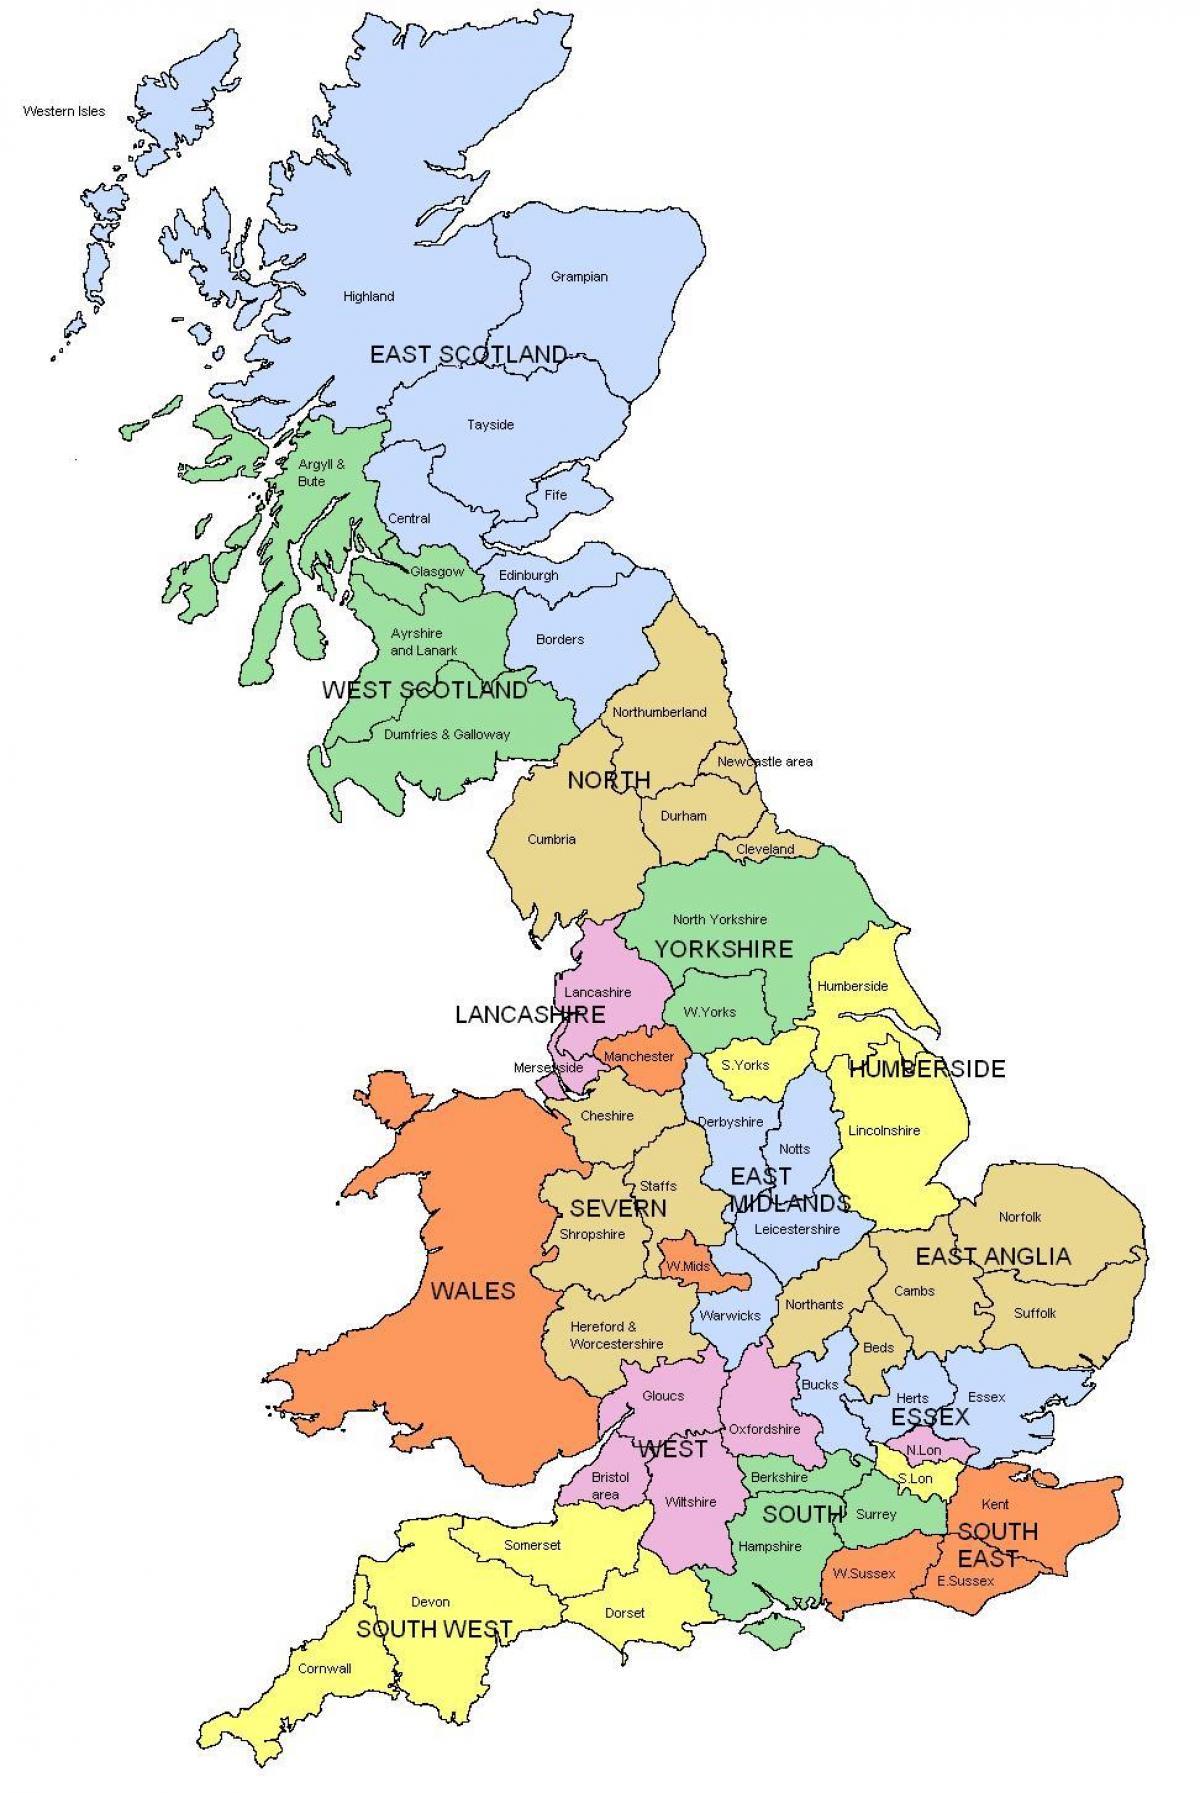 Karte Uk.Karte Uk Landkreise Regionen Grossbritannien Map Regionen